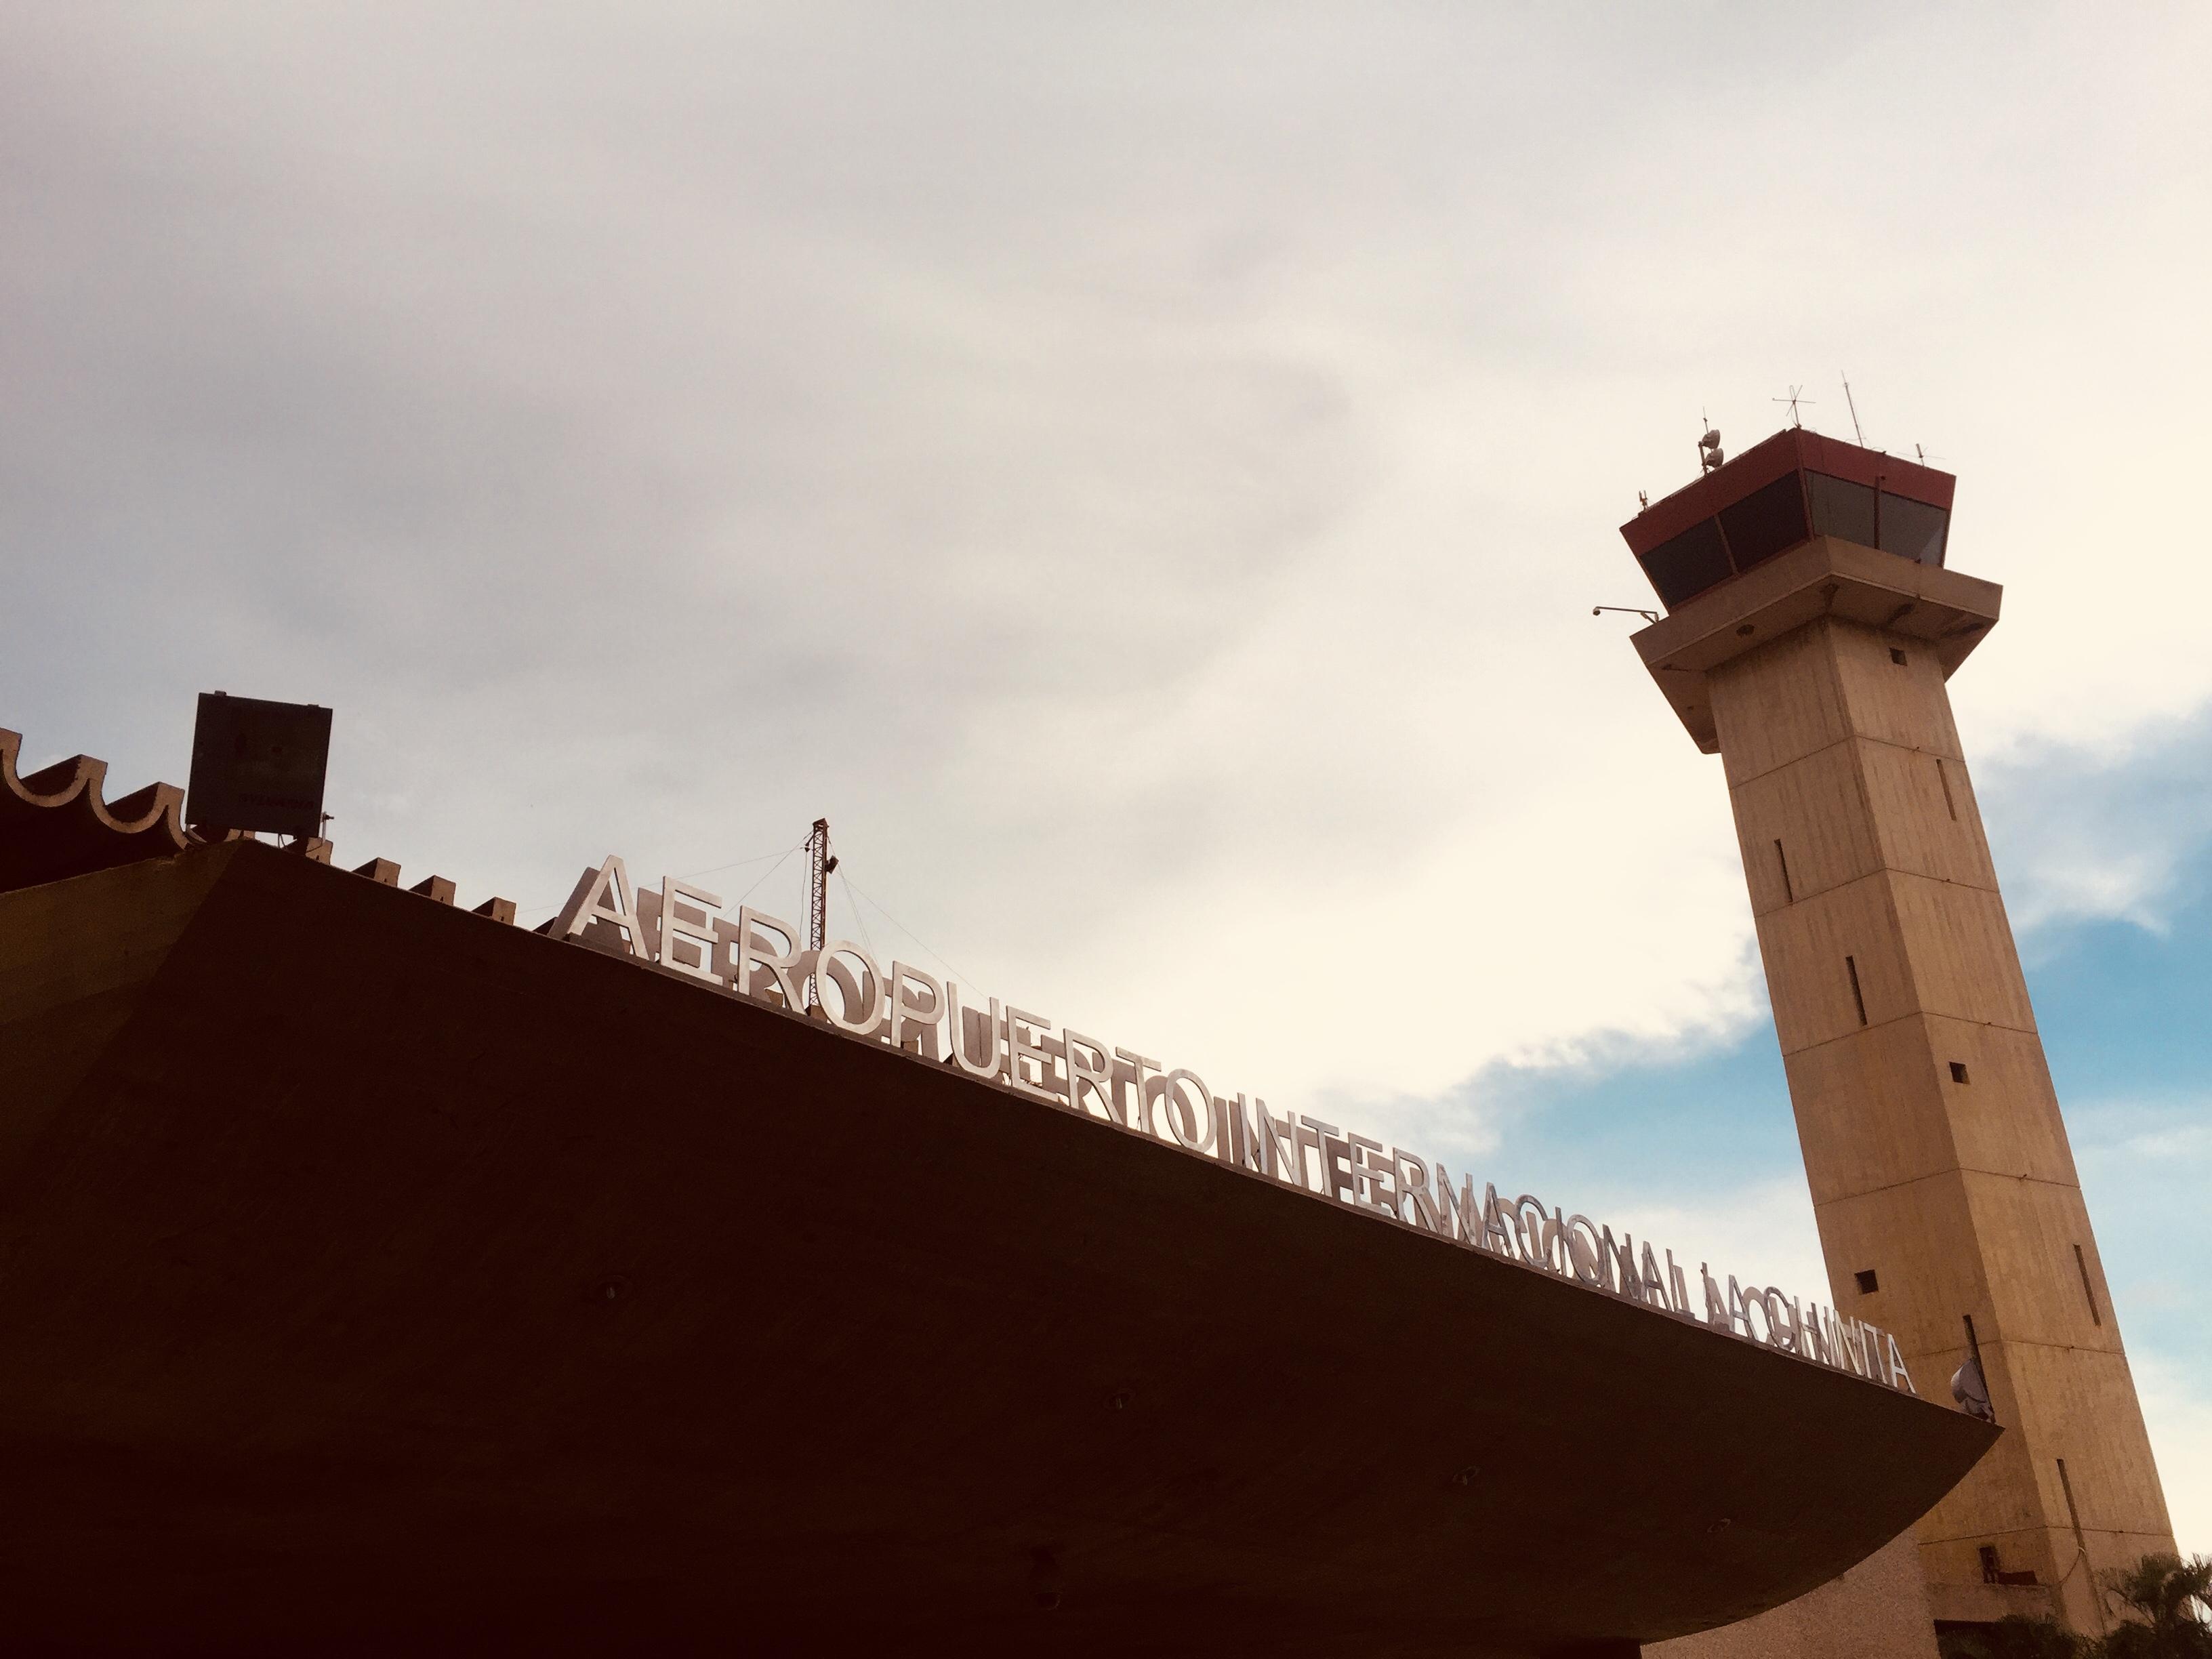 Donación de Letras Corpóreas para Identificación del Aeropuerto Internacional La Chinita